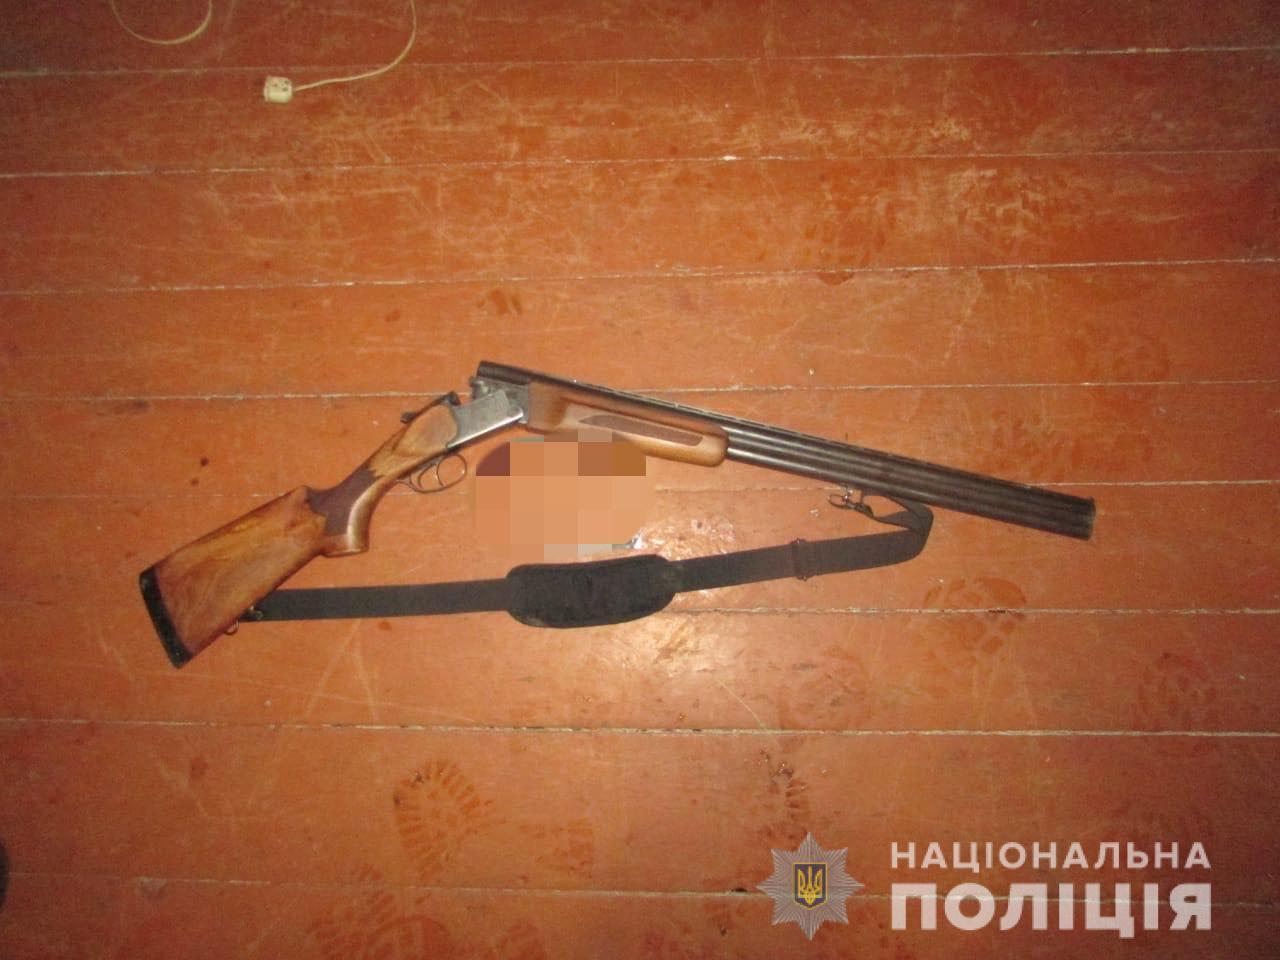 Зрикошетило: на Сквирщині мисливець випадково підстрелив товариша - Сквирський район, Полювання - skvyrapolyuv1